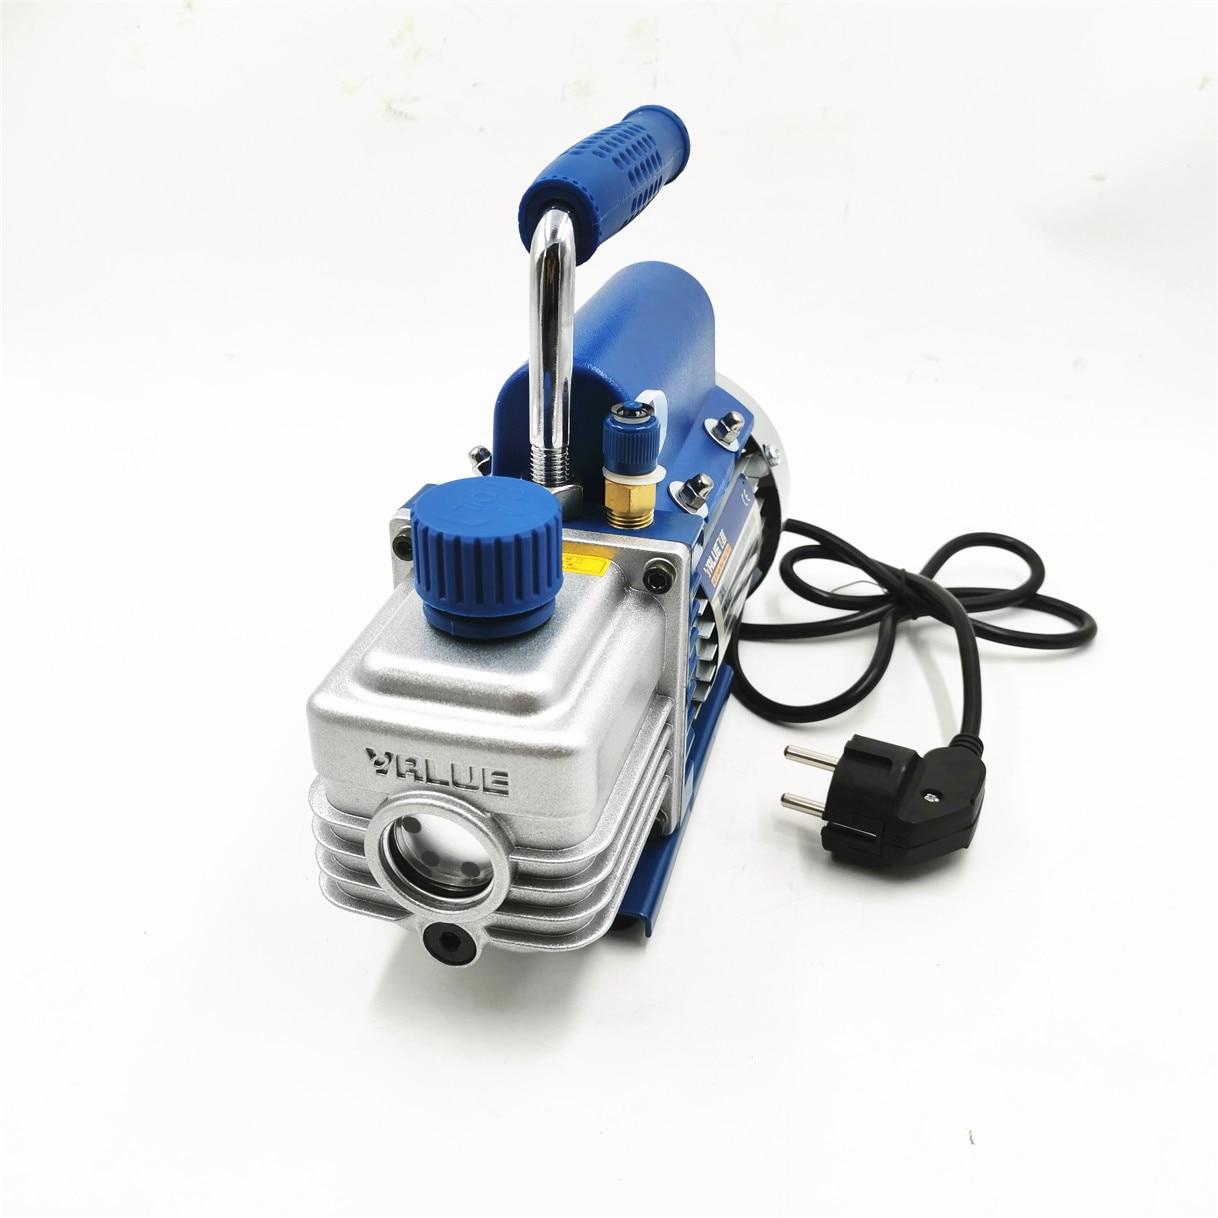 FY 1H N Мини Портативный Воздушный вакуумный насос 2PA Окончательный вакуум для ламинатора и сепаратора ЖК экрана 150 Вт 220 В - 2